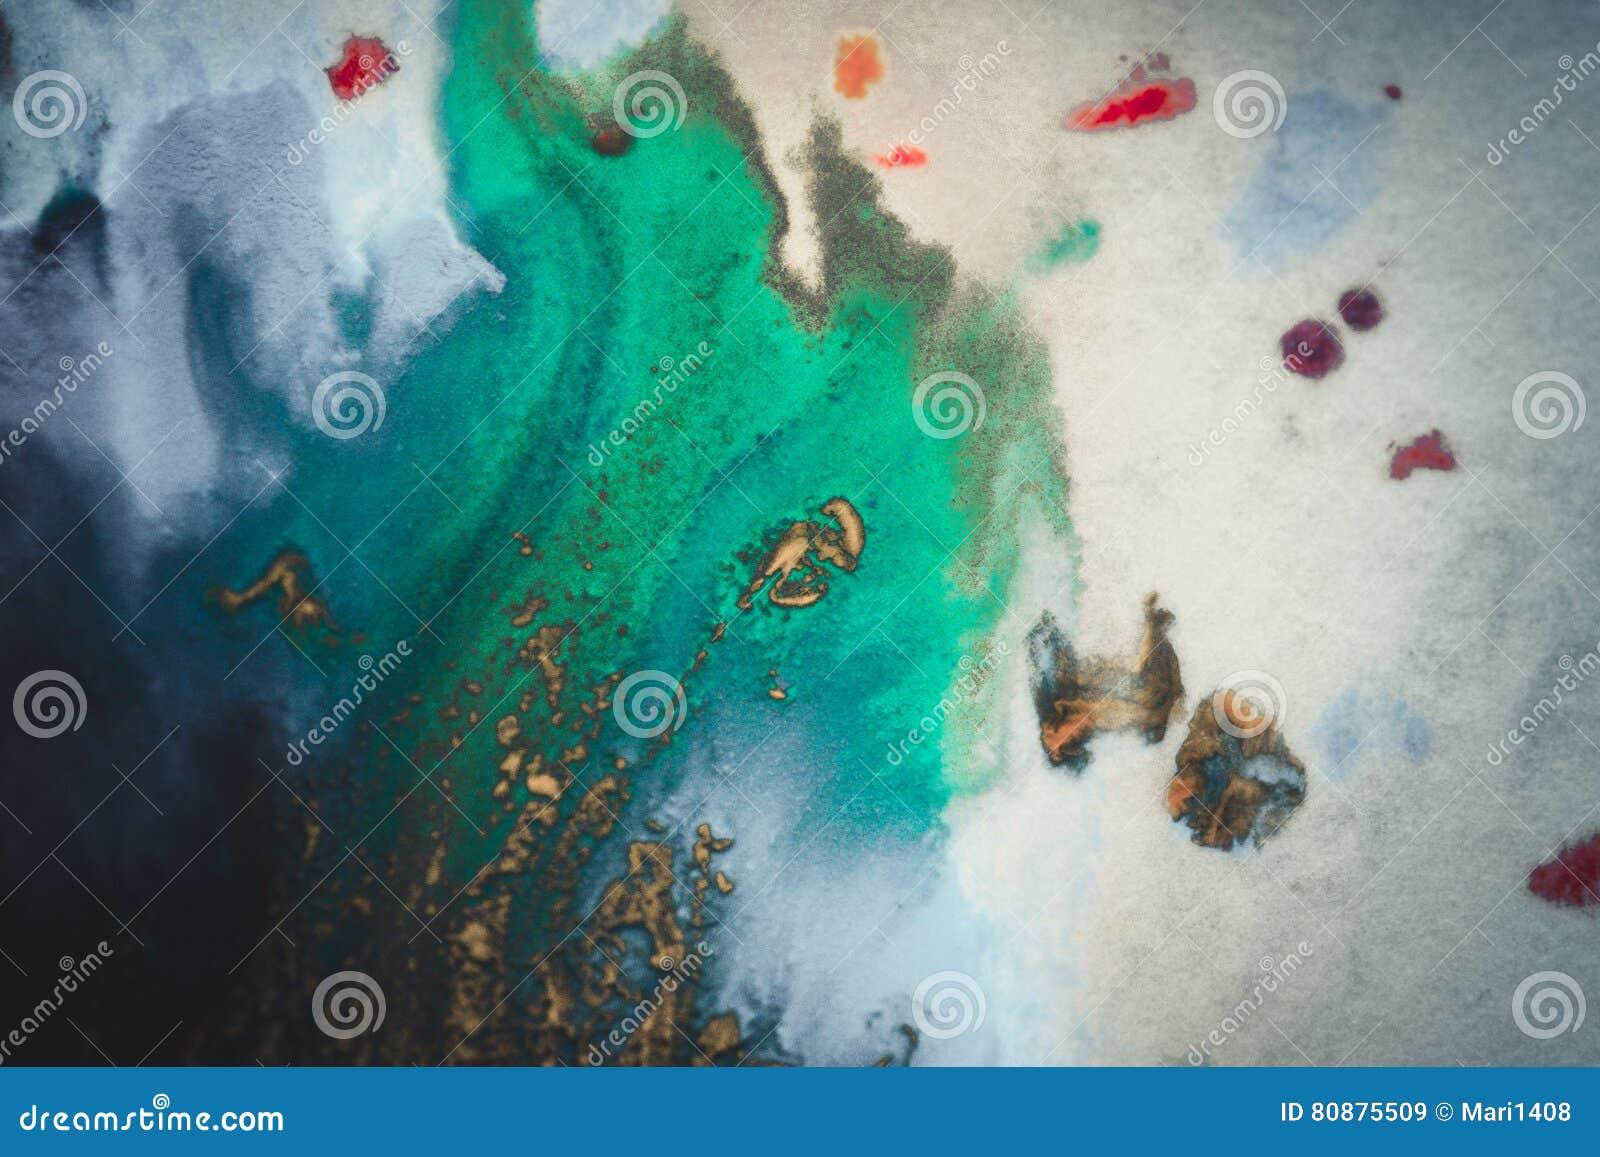 Explosiones de la pintura multicolora